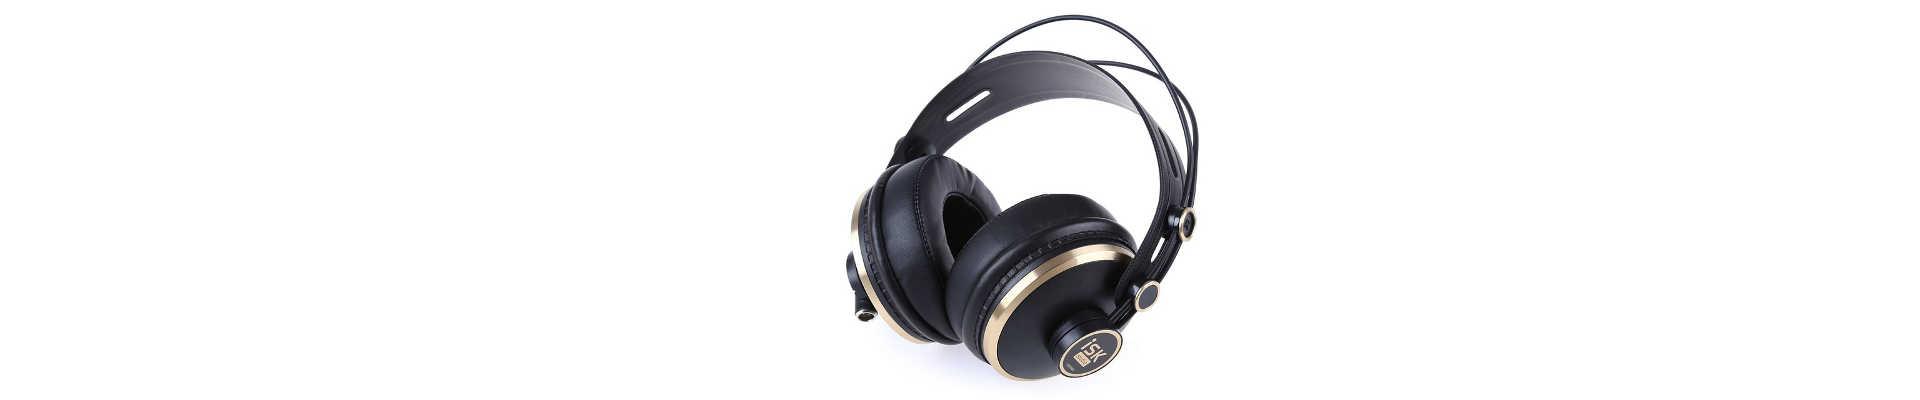 isk-hd9999-casque-header-gearbest-et-avis-express